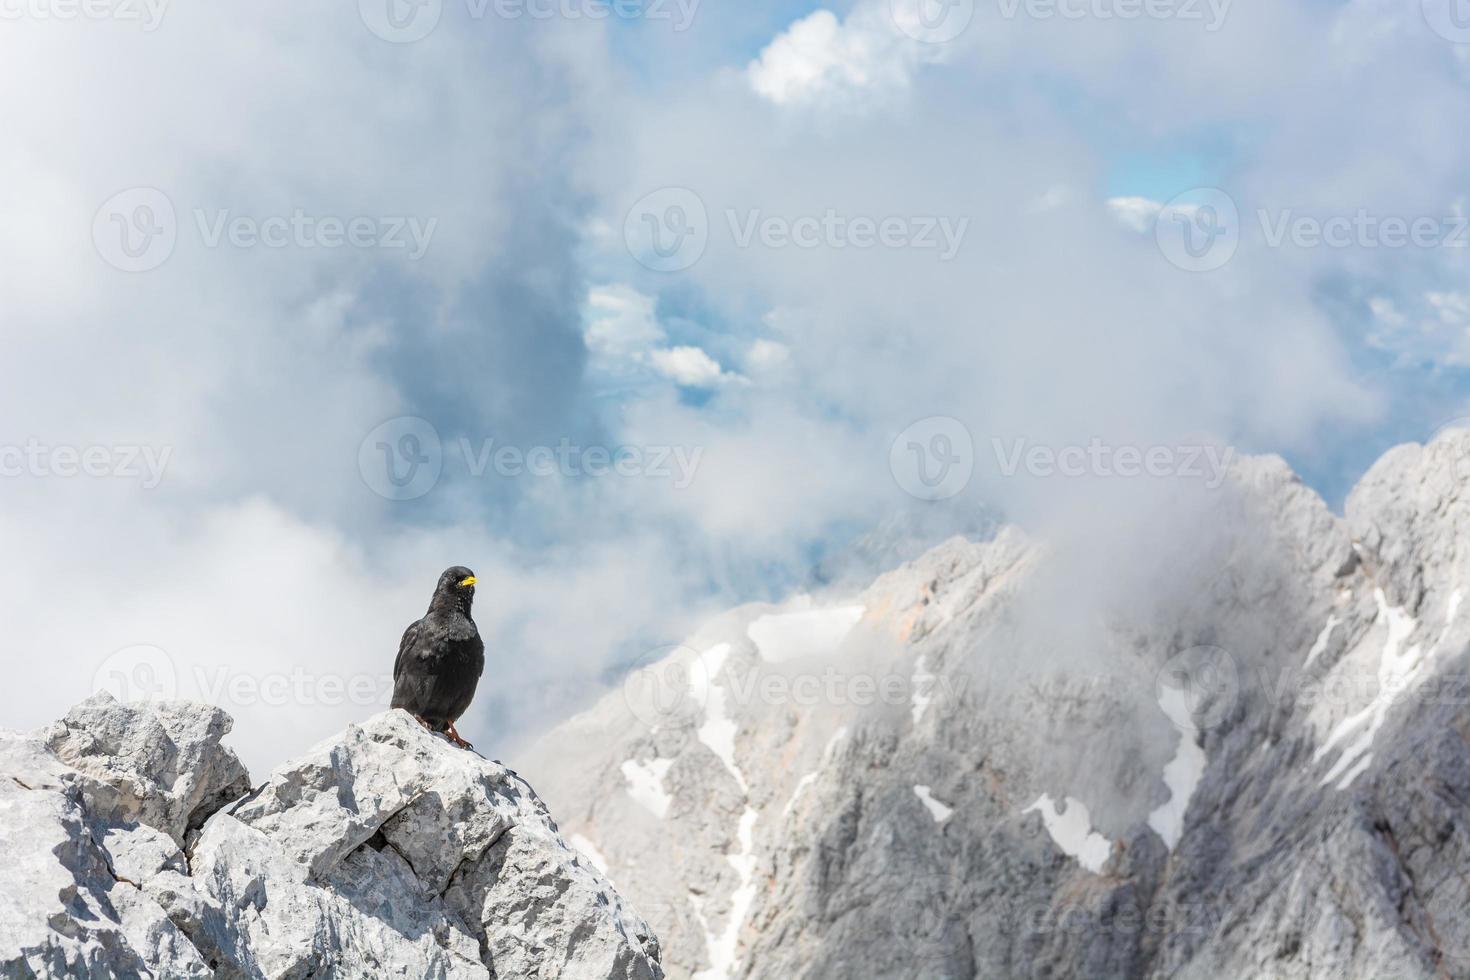 chough alpino sentado en una roca foto